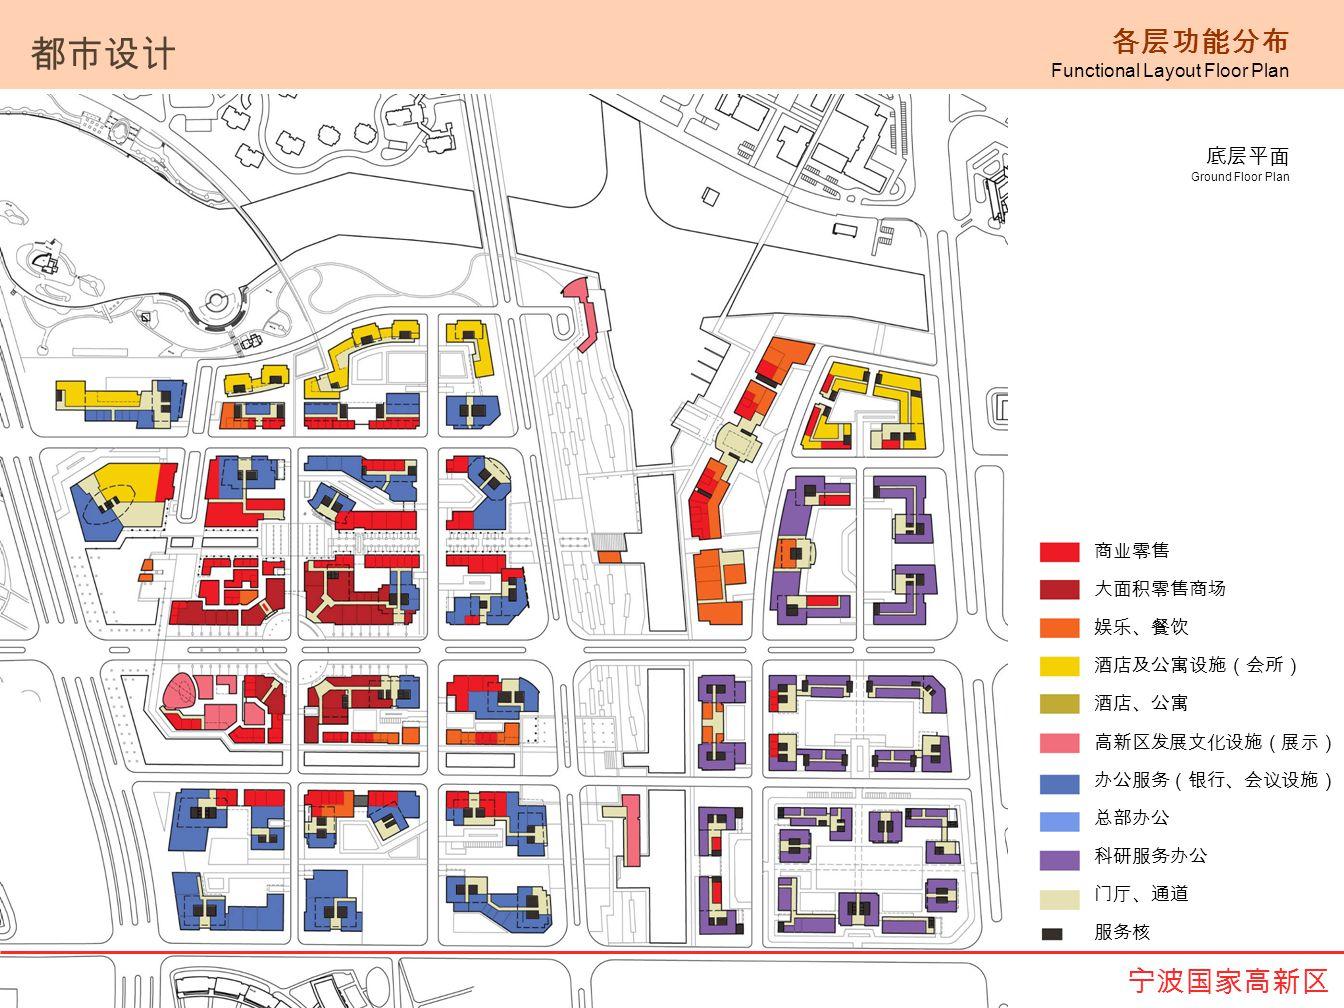 都市设计 各层功能分布 宁波国家高新区 底层平面 Functional Layout Floor Plan 商业零售 大面积零售商场